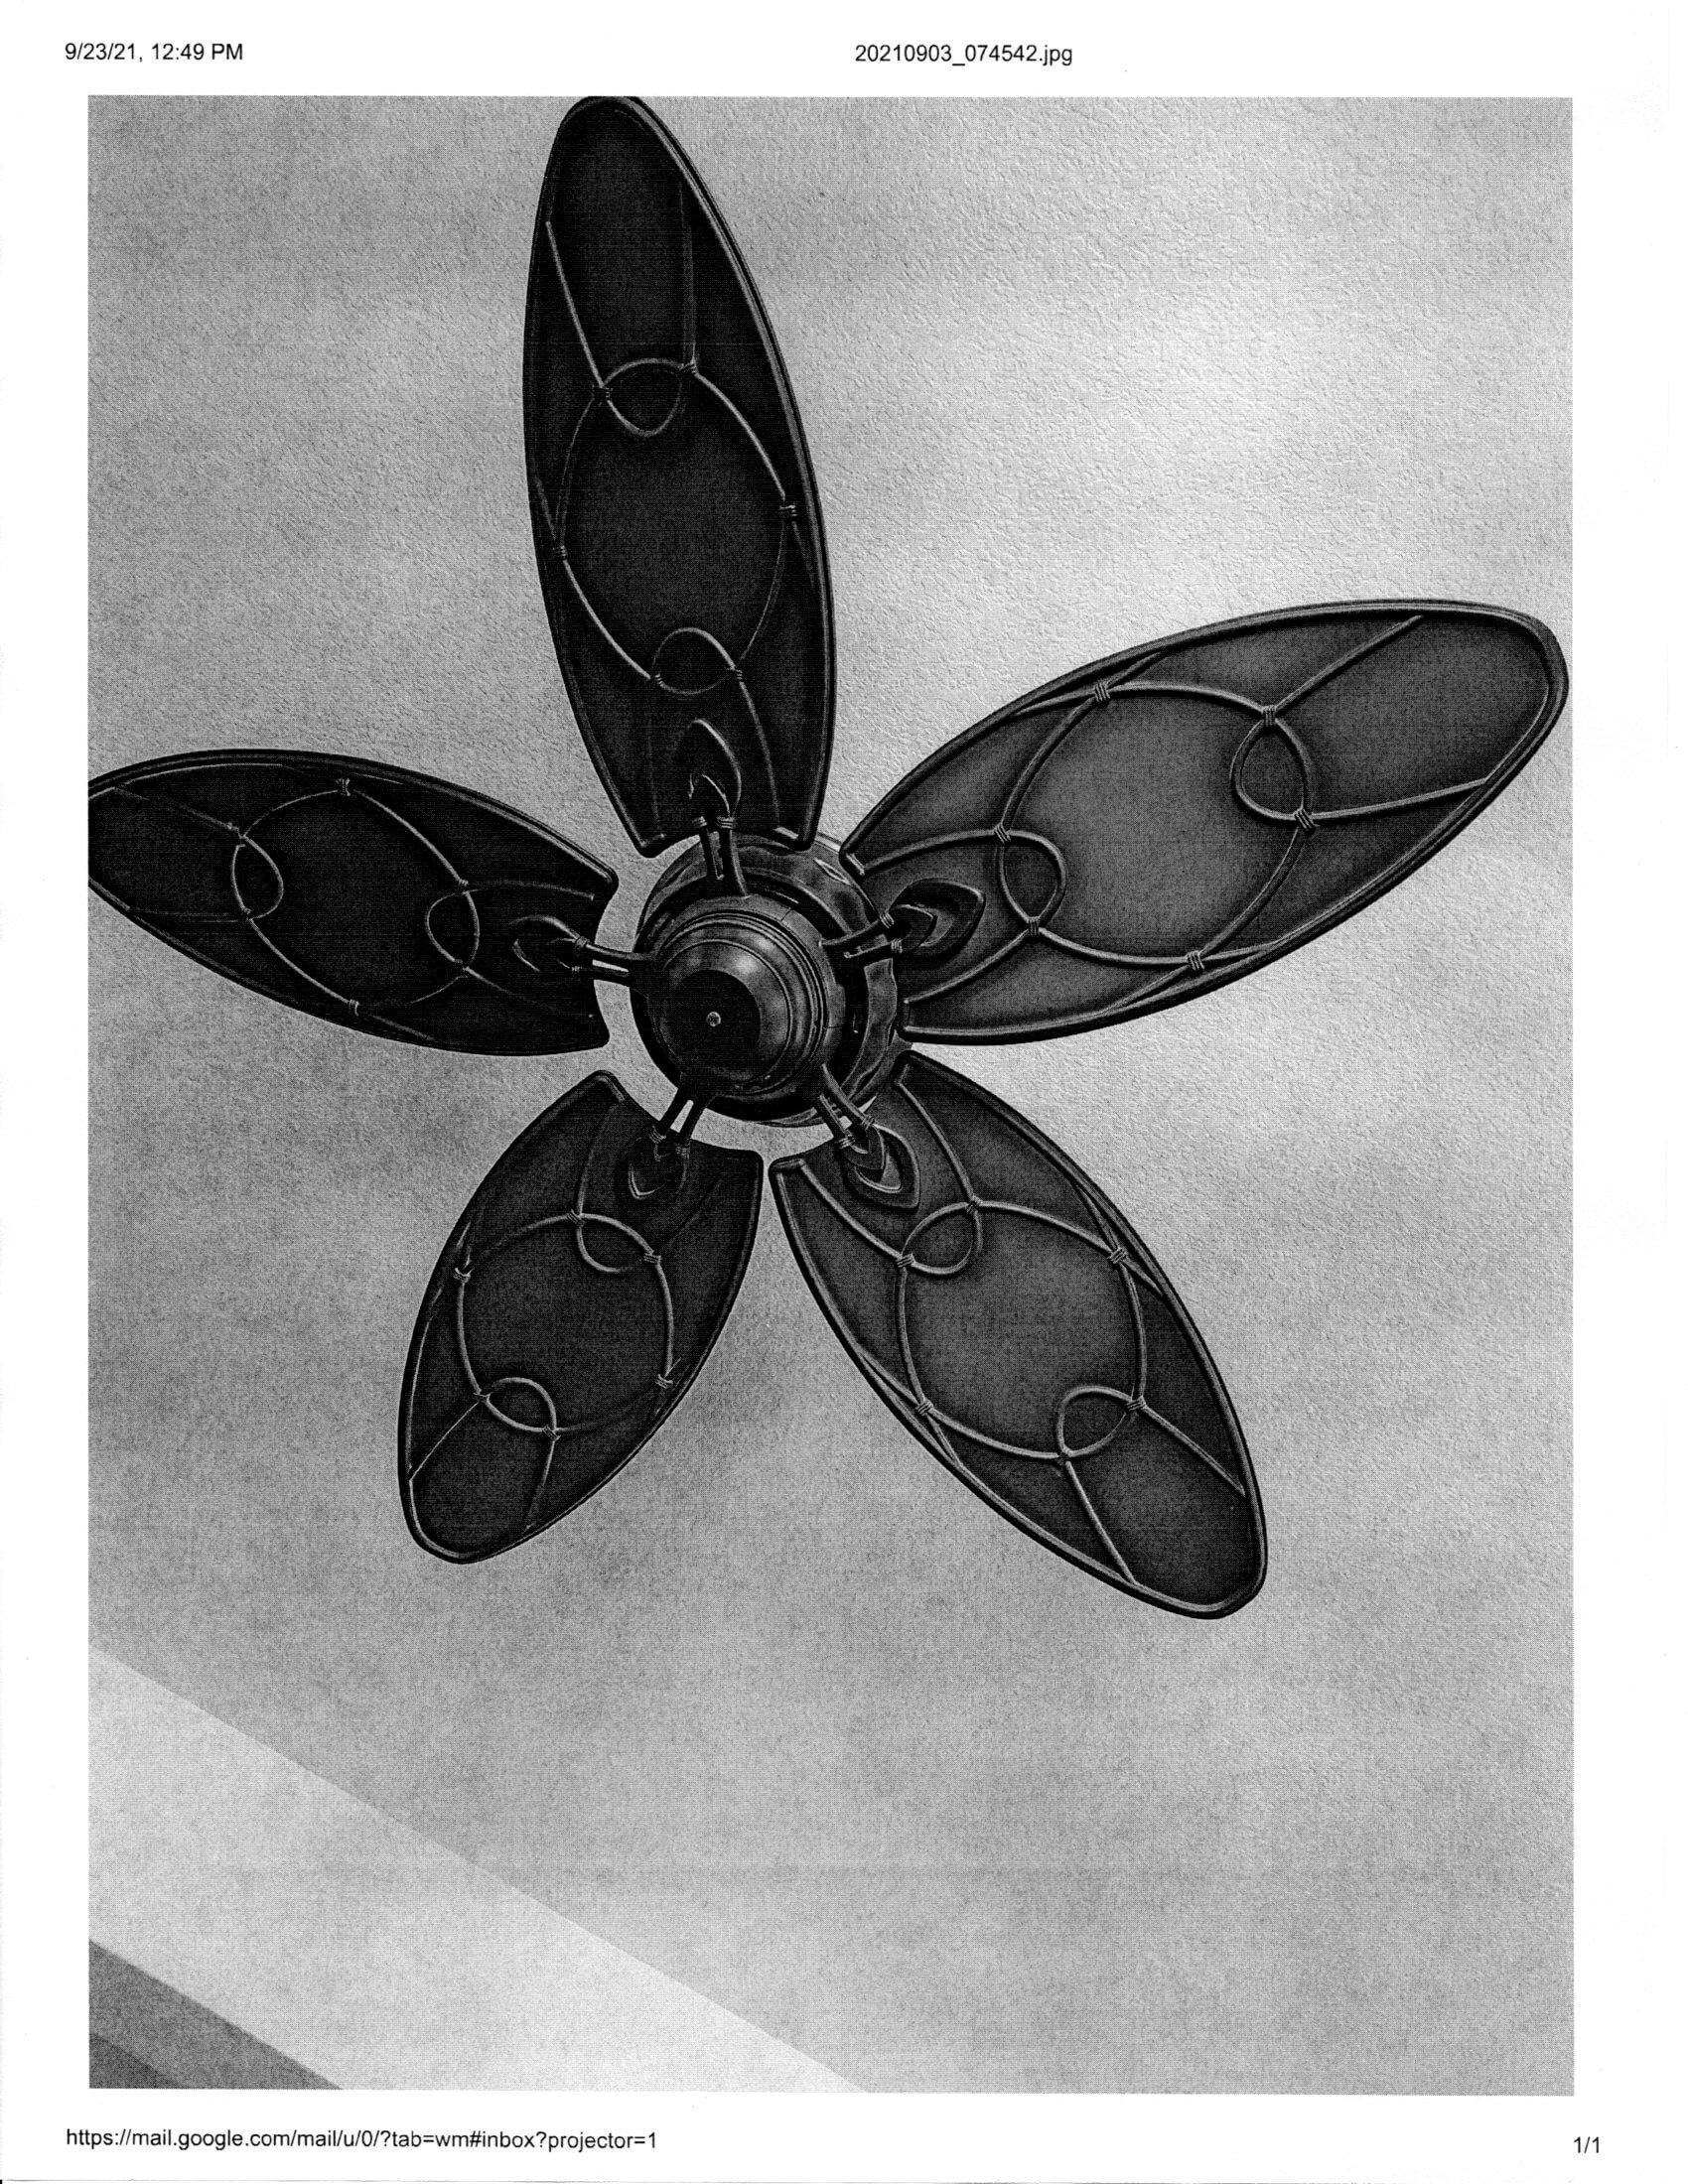 Hampton Bay 52″ ceiling fan